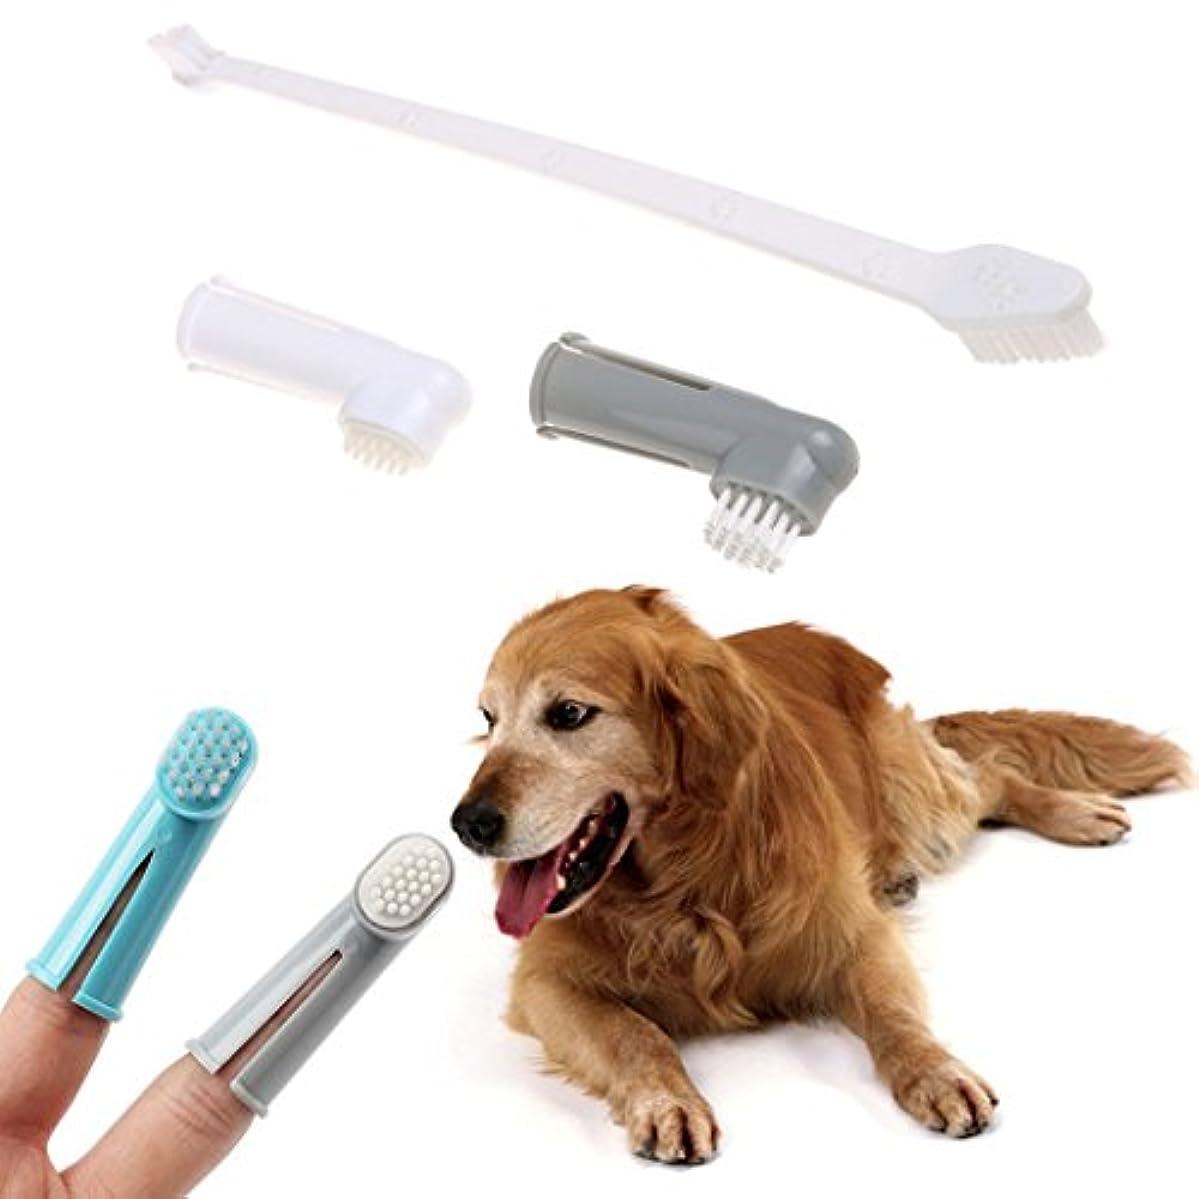 娯楽グラマー教養があるLegendog ペットの歯ブラシ 犬用歯ブラシ 指歯 ブラシ 歯磨き ペット歯ケア用品 カラフル 3ピースセット(合計9個)